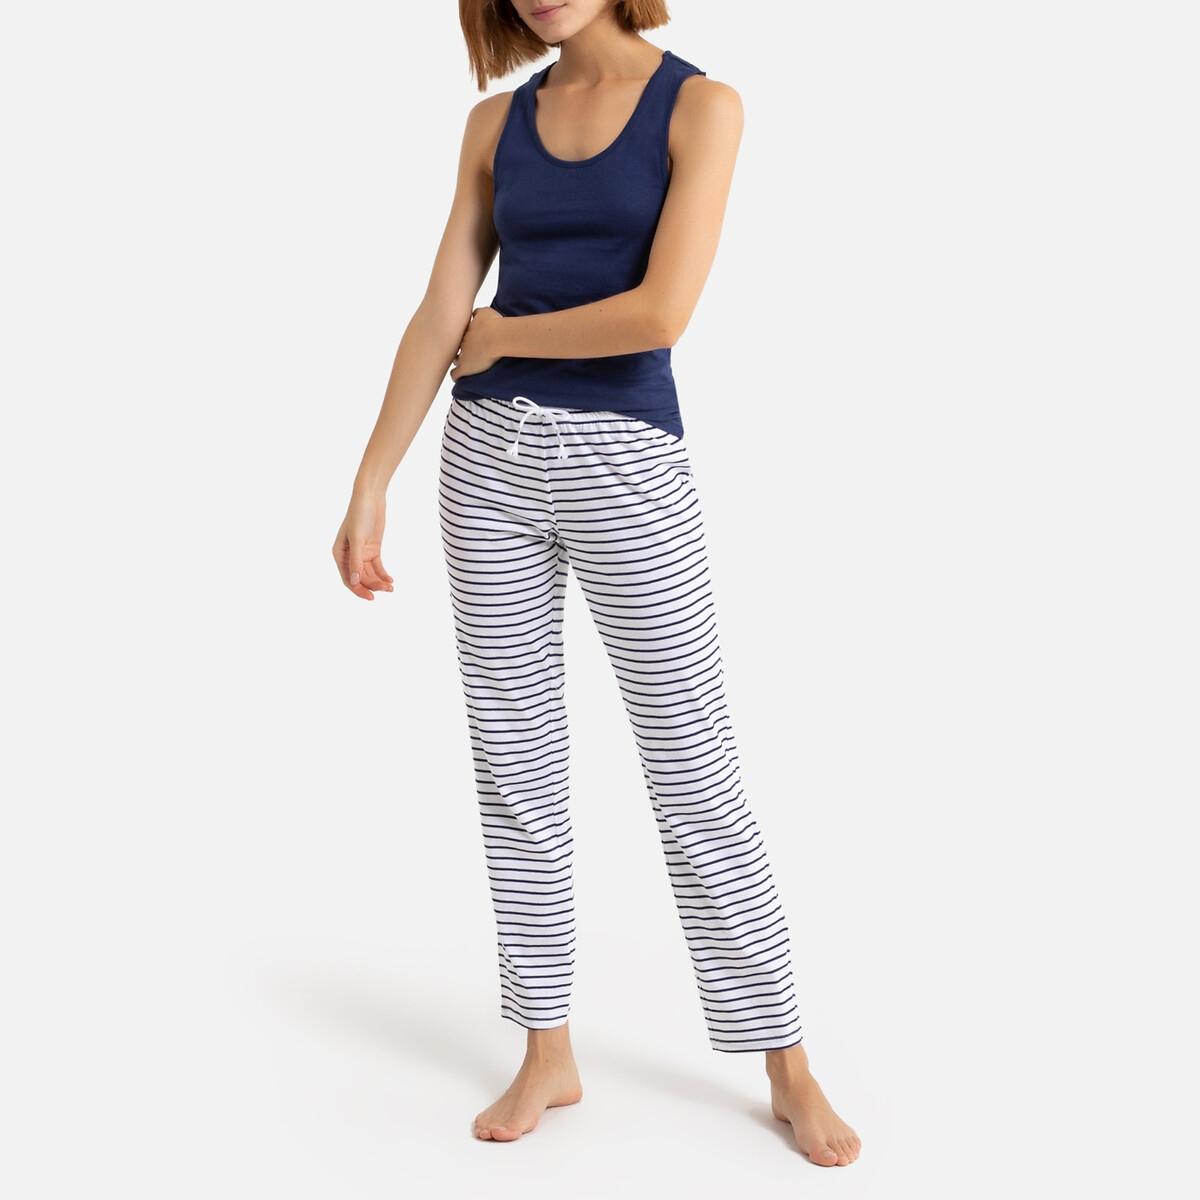 Pijama con camiseta de tirantes y pantalón a rayas de tejido de algodón